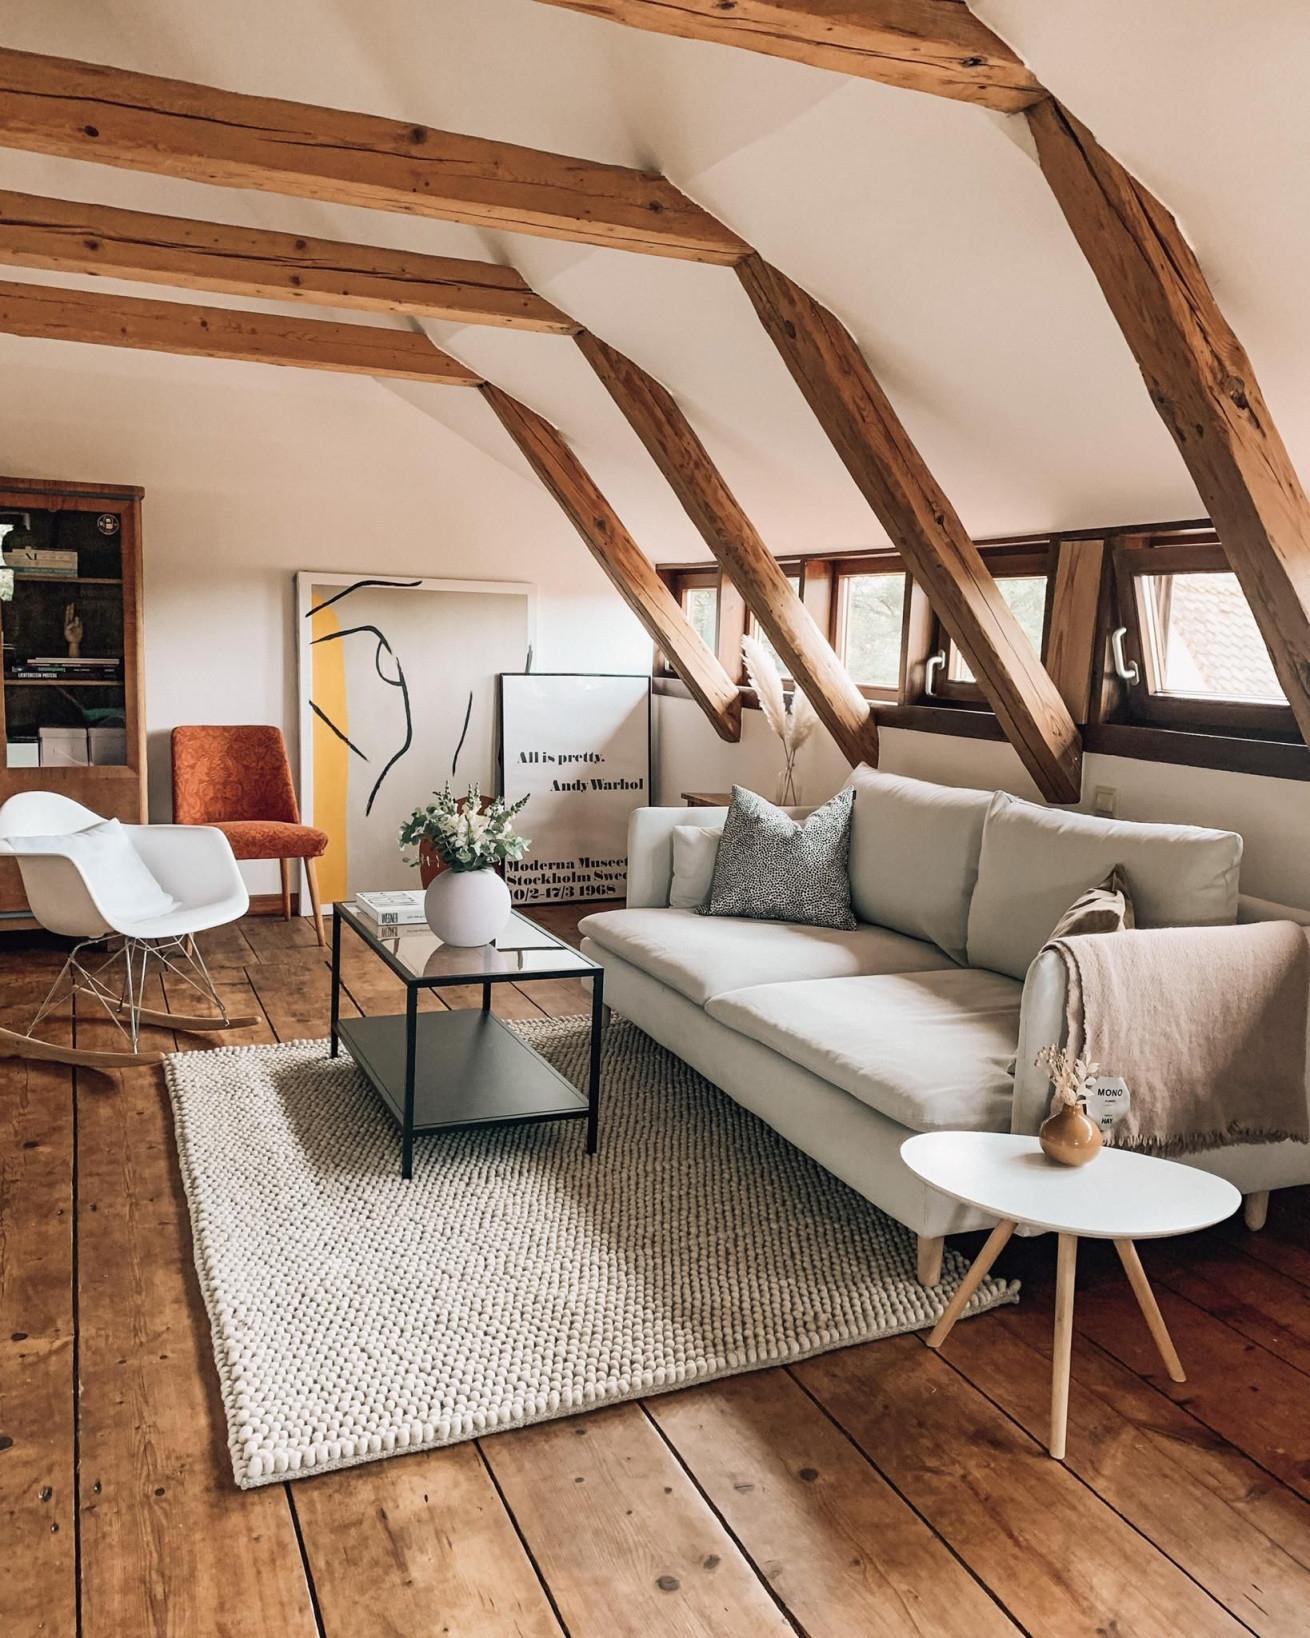 Balkenliebe Wohnzimmer In Der Letzten Zeit Habe  In 2020 von Dachgeschoss Wohnzimmer Ideen Photo